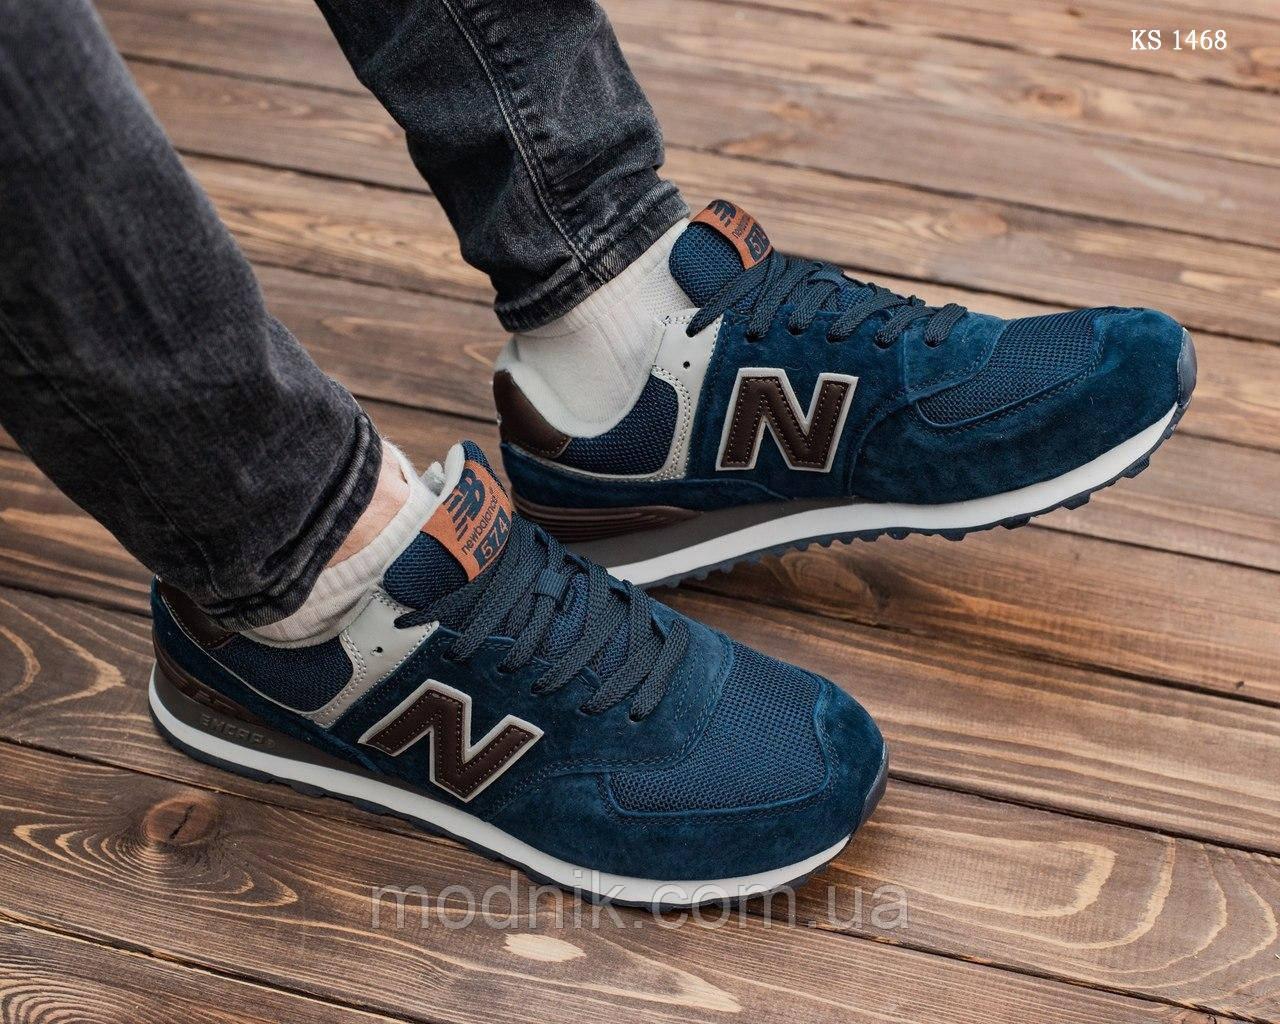 Мужские кроссовки New Balance 574 (сине-коричневые) KS 1468